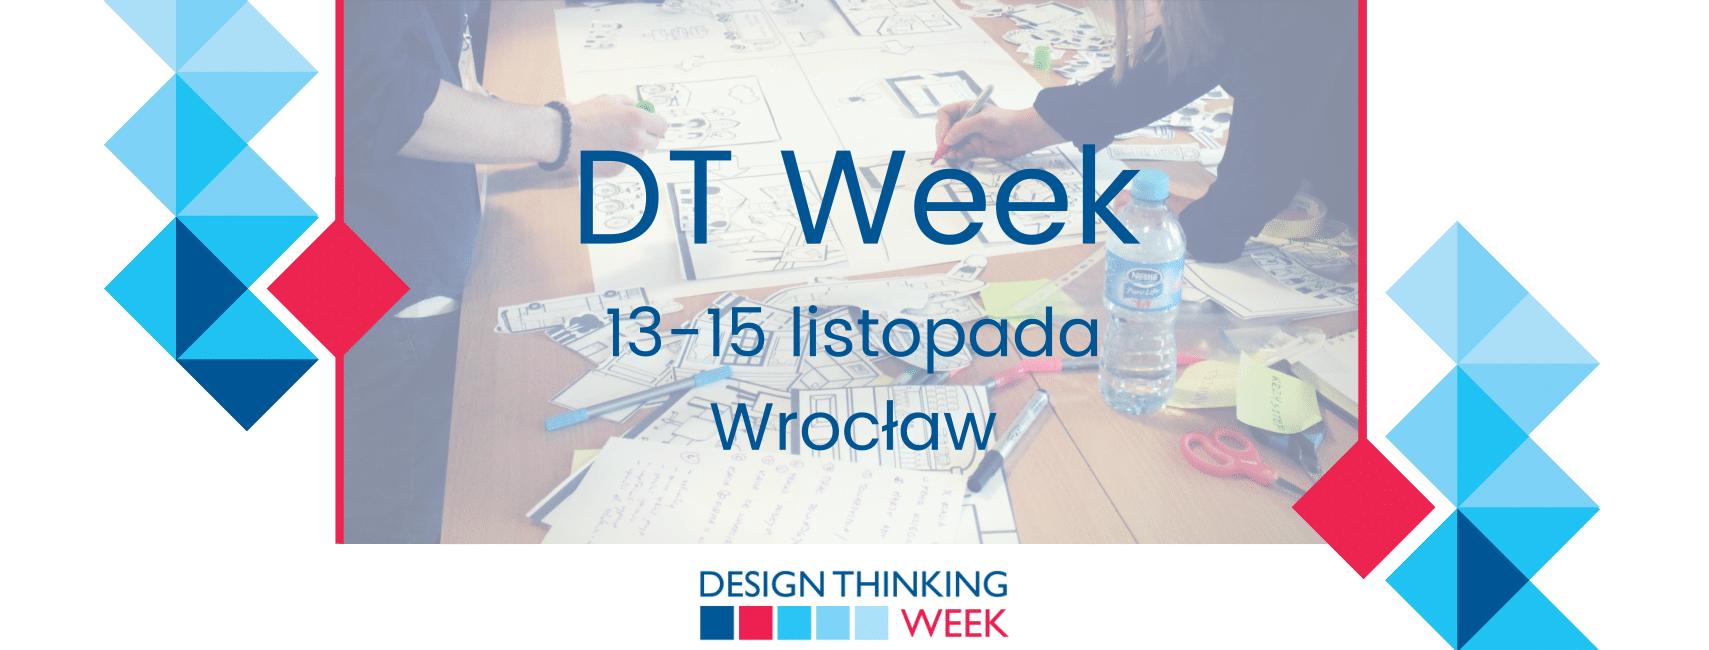 Design Thinking Week odbędzie się w dniach 12-18 listopada 2018 roku.